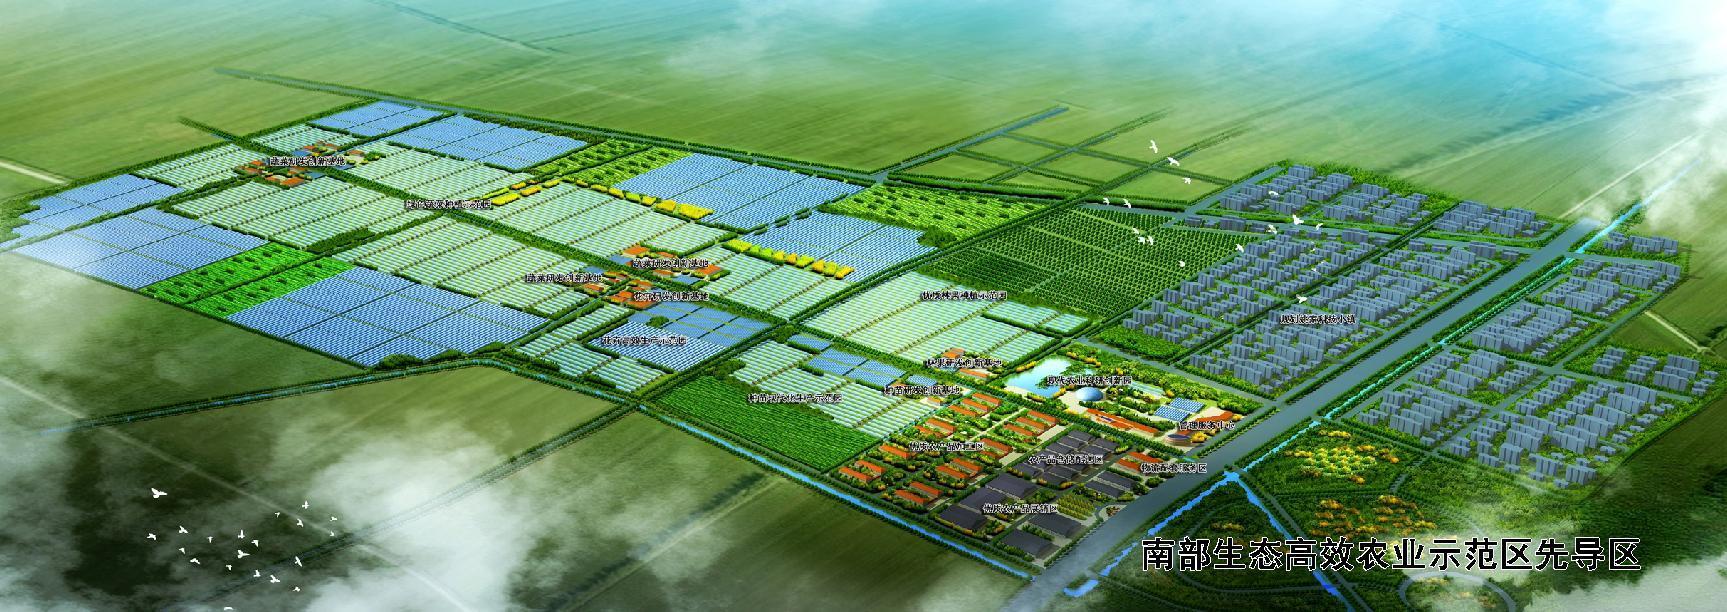 区�_用工业的,景观的,生态的理念打造郑州新区(中牟)都市型现代农业示范区